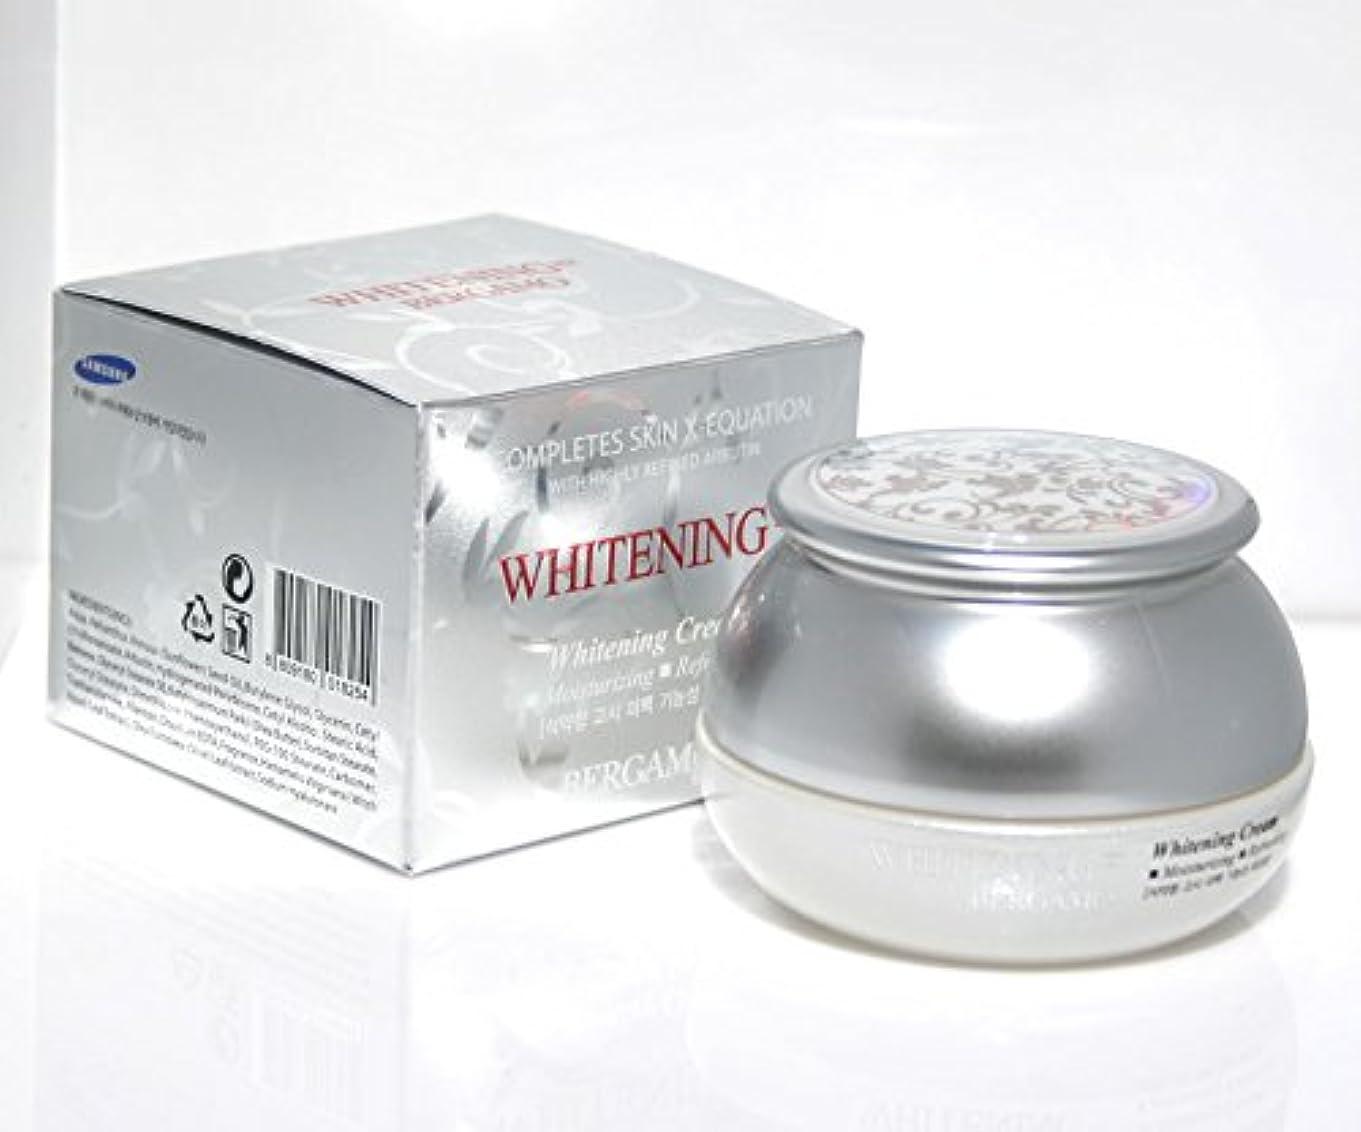 歌う帳面後ろに【ベルガモ][Bergamo]  は、高度に精製アルブチンホワイトニング例クリーム50g /  Completes Skin X-equation with Highly Refined Albutin Whitening...